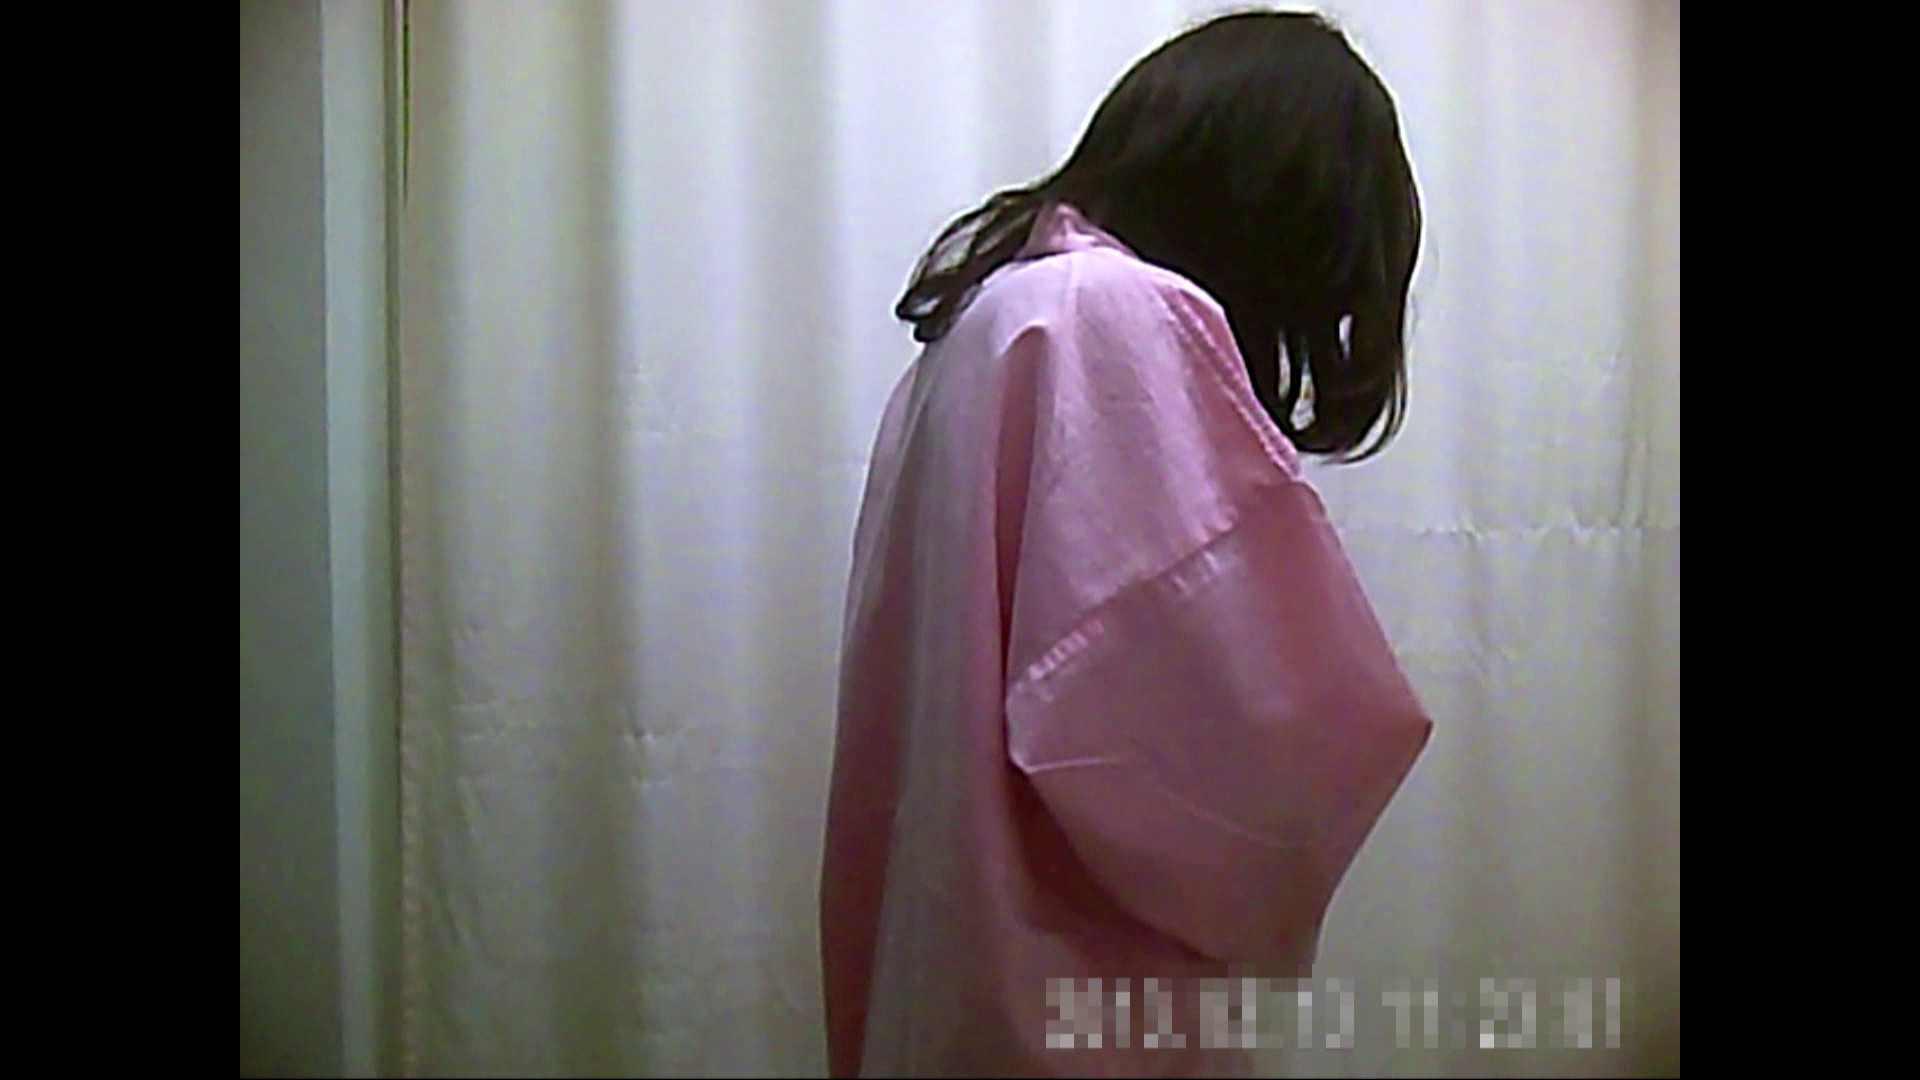 病院おもいっきり着替え! vol.199 乳首 オマンコ無修正動画無料 106画像 61